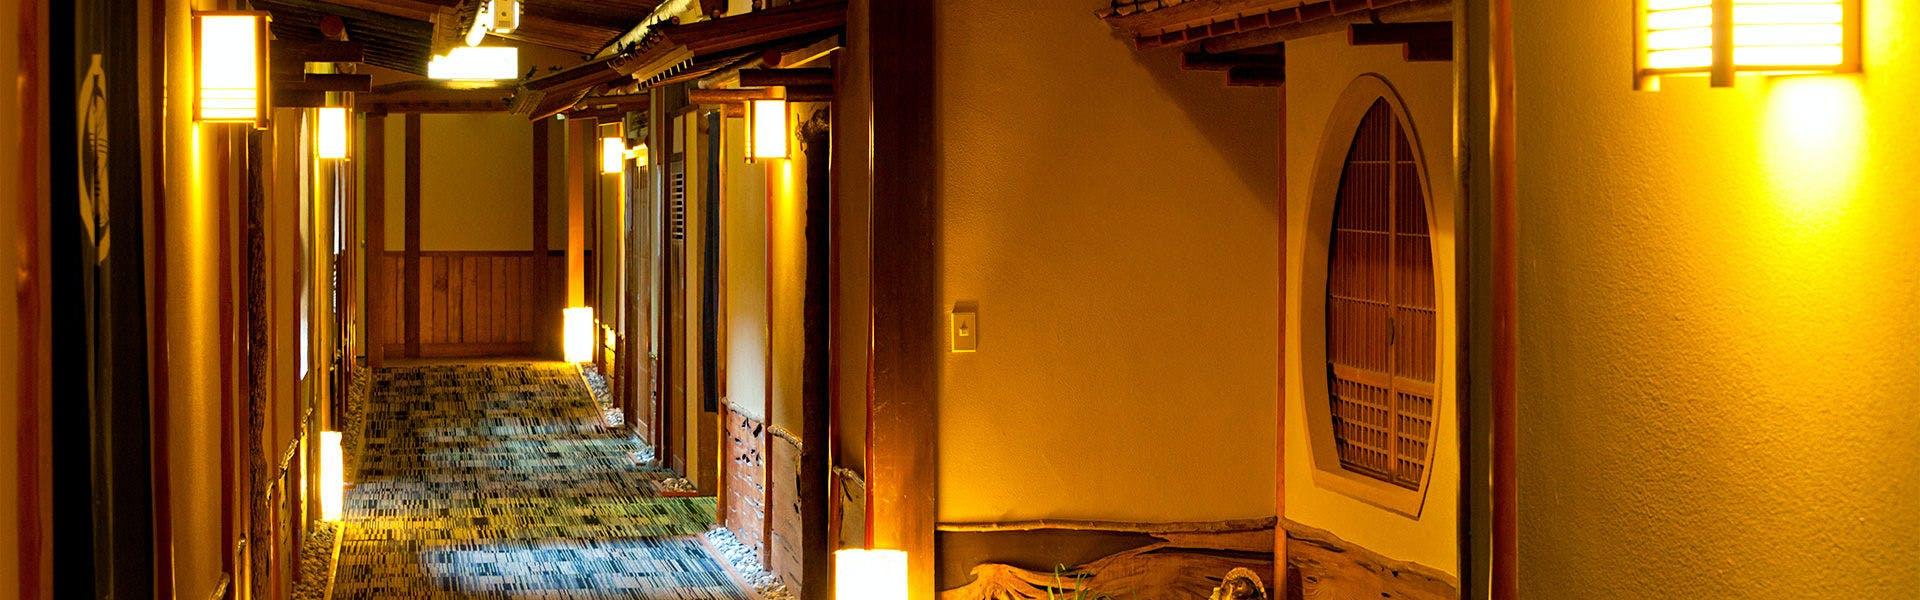 記念日におすすめのホテル・伝統旅館のぬくもり 灰屋の写真1